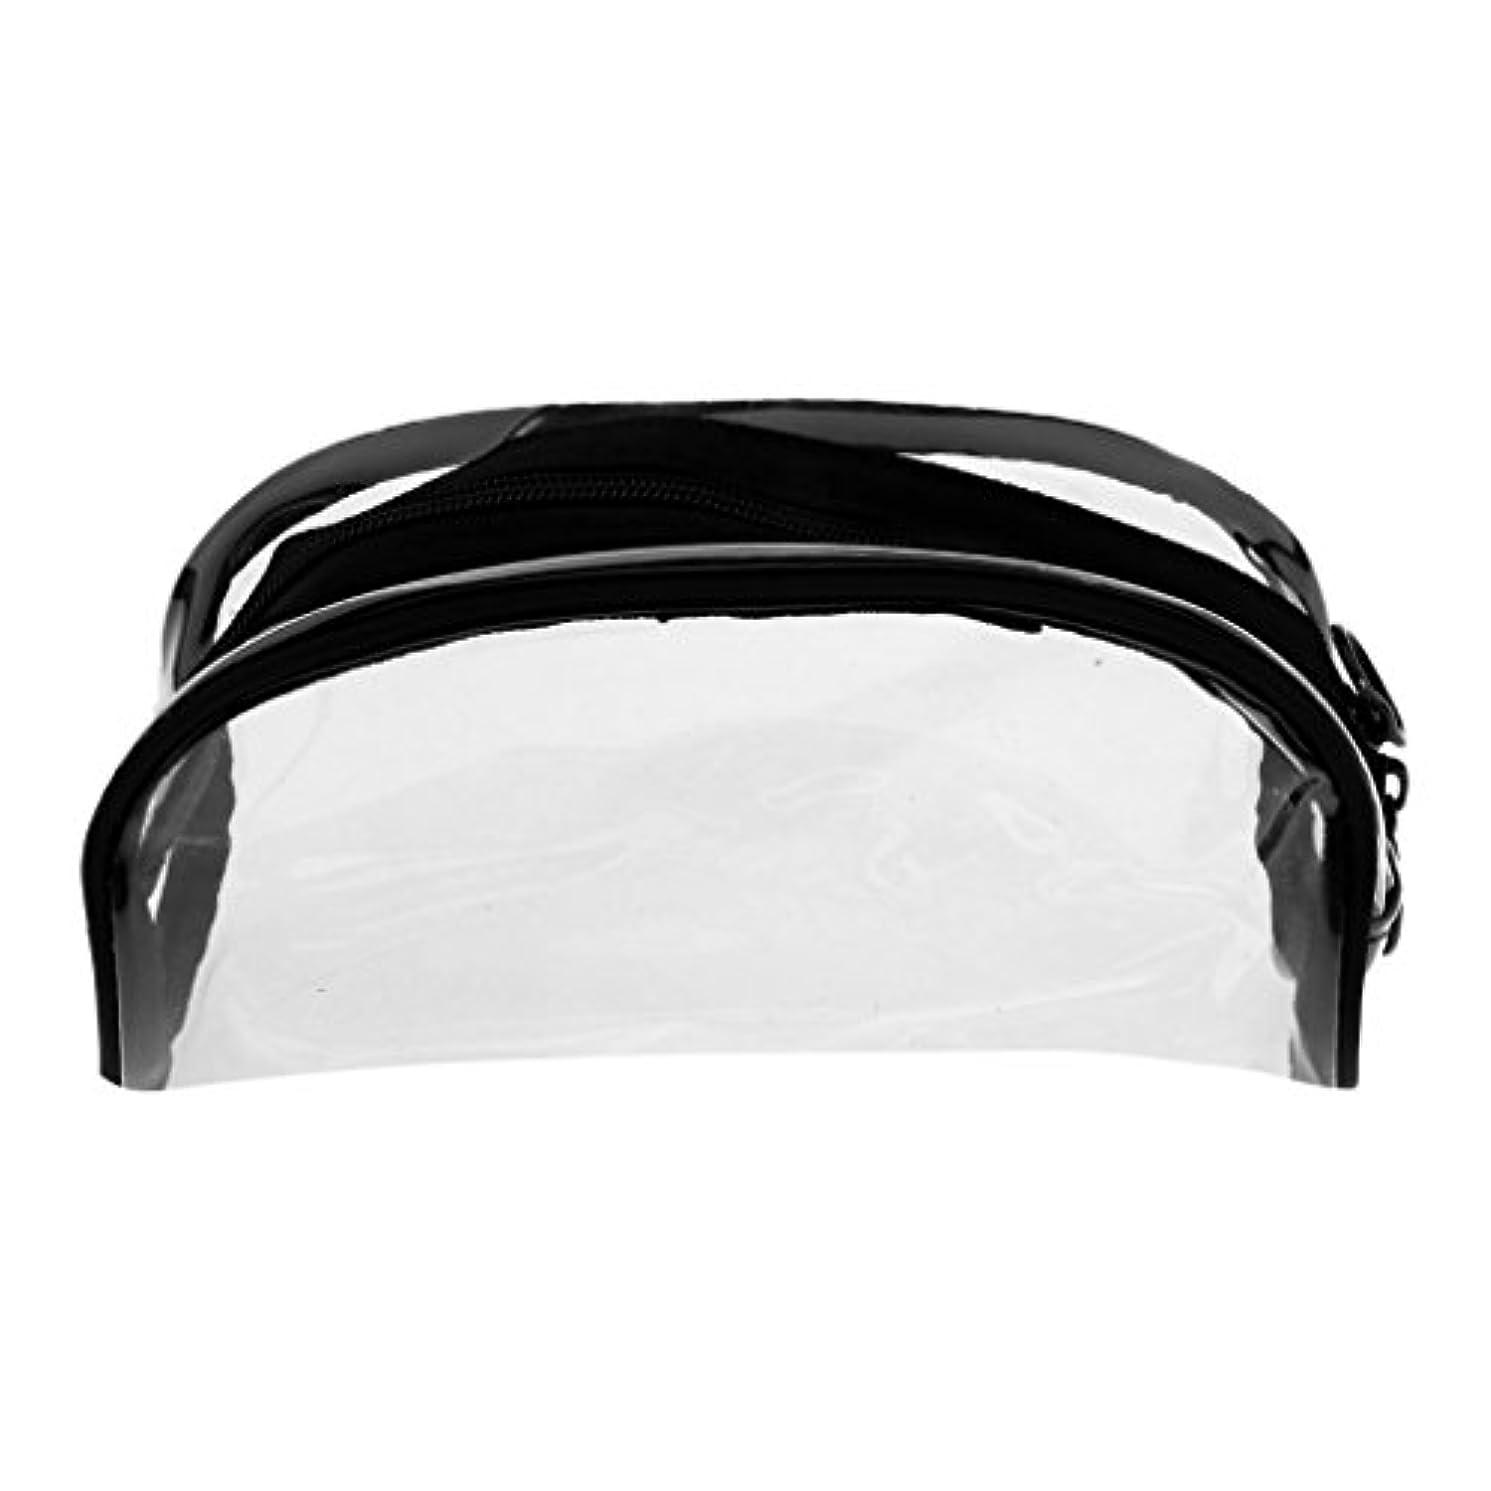 不健康裁量到着するSharplace メイクバッグ 化粧ポーチ PVC クリア ジッパーバッグ メイクポーチ 透明 全4タイプ - #2